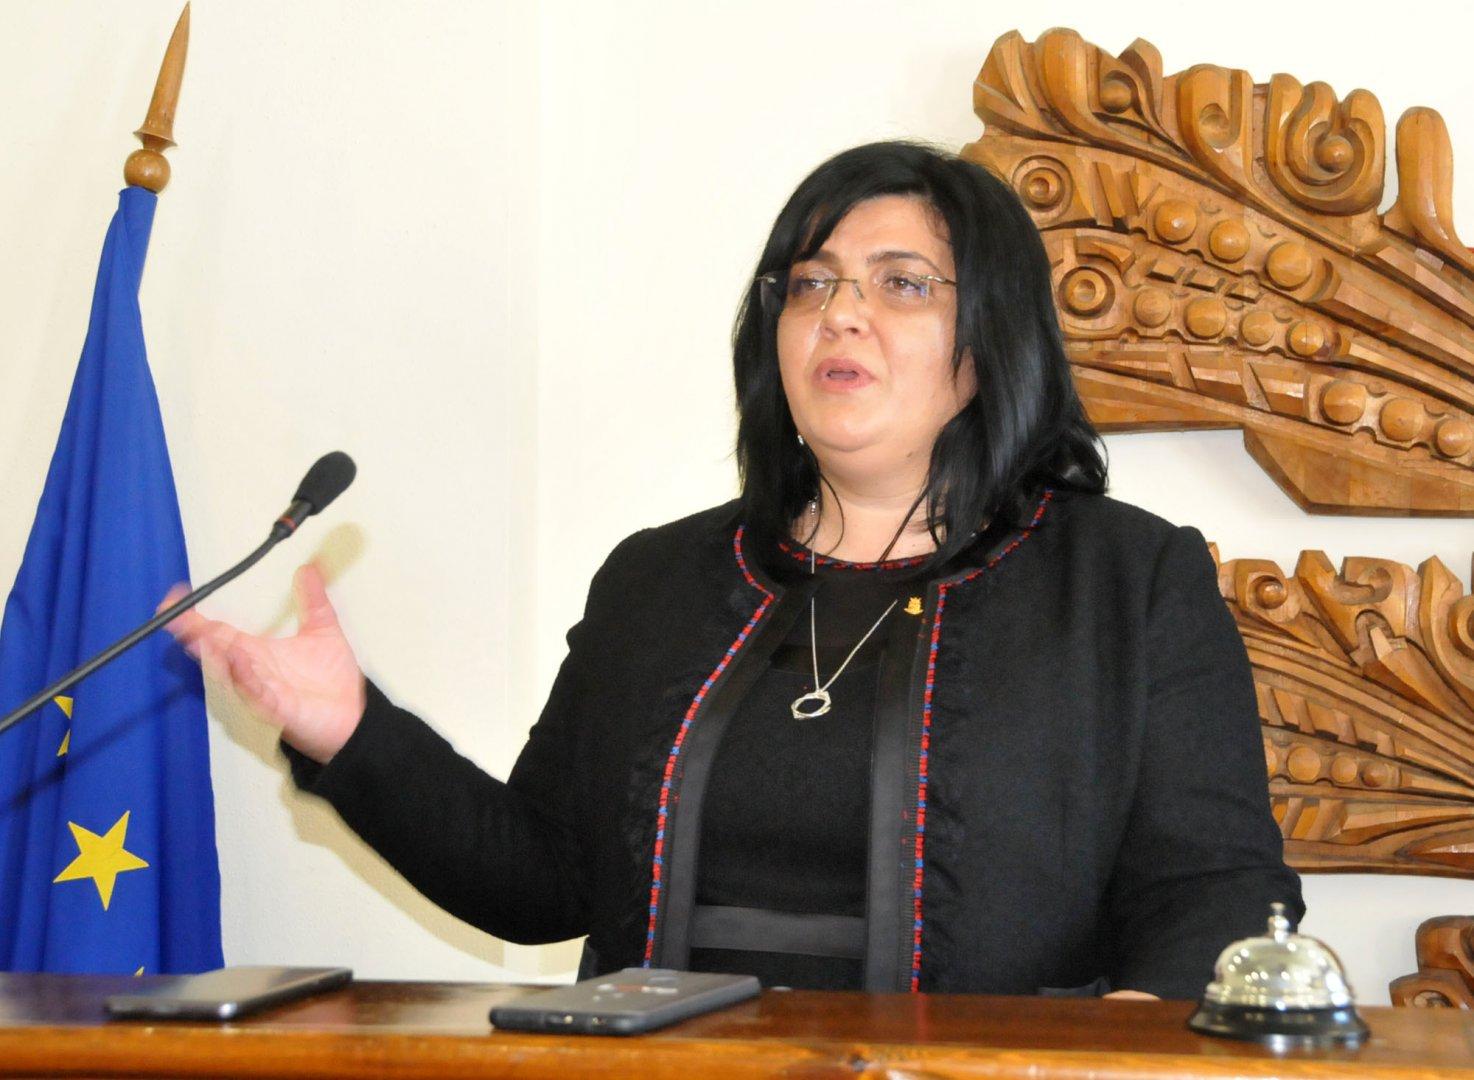 Таня Янчева ще ръководи Общинския съвет в Царево следващите четири години. Снимки Лина Главинова